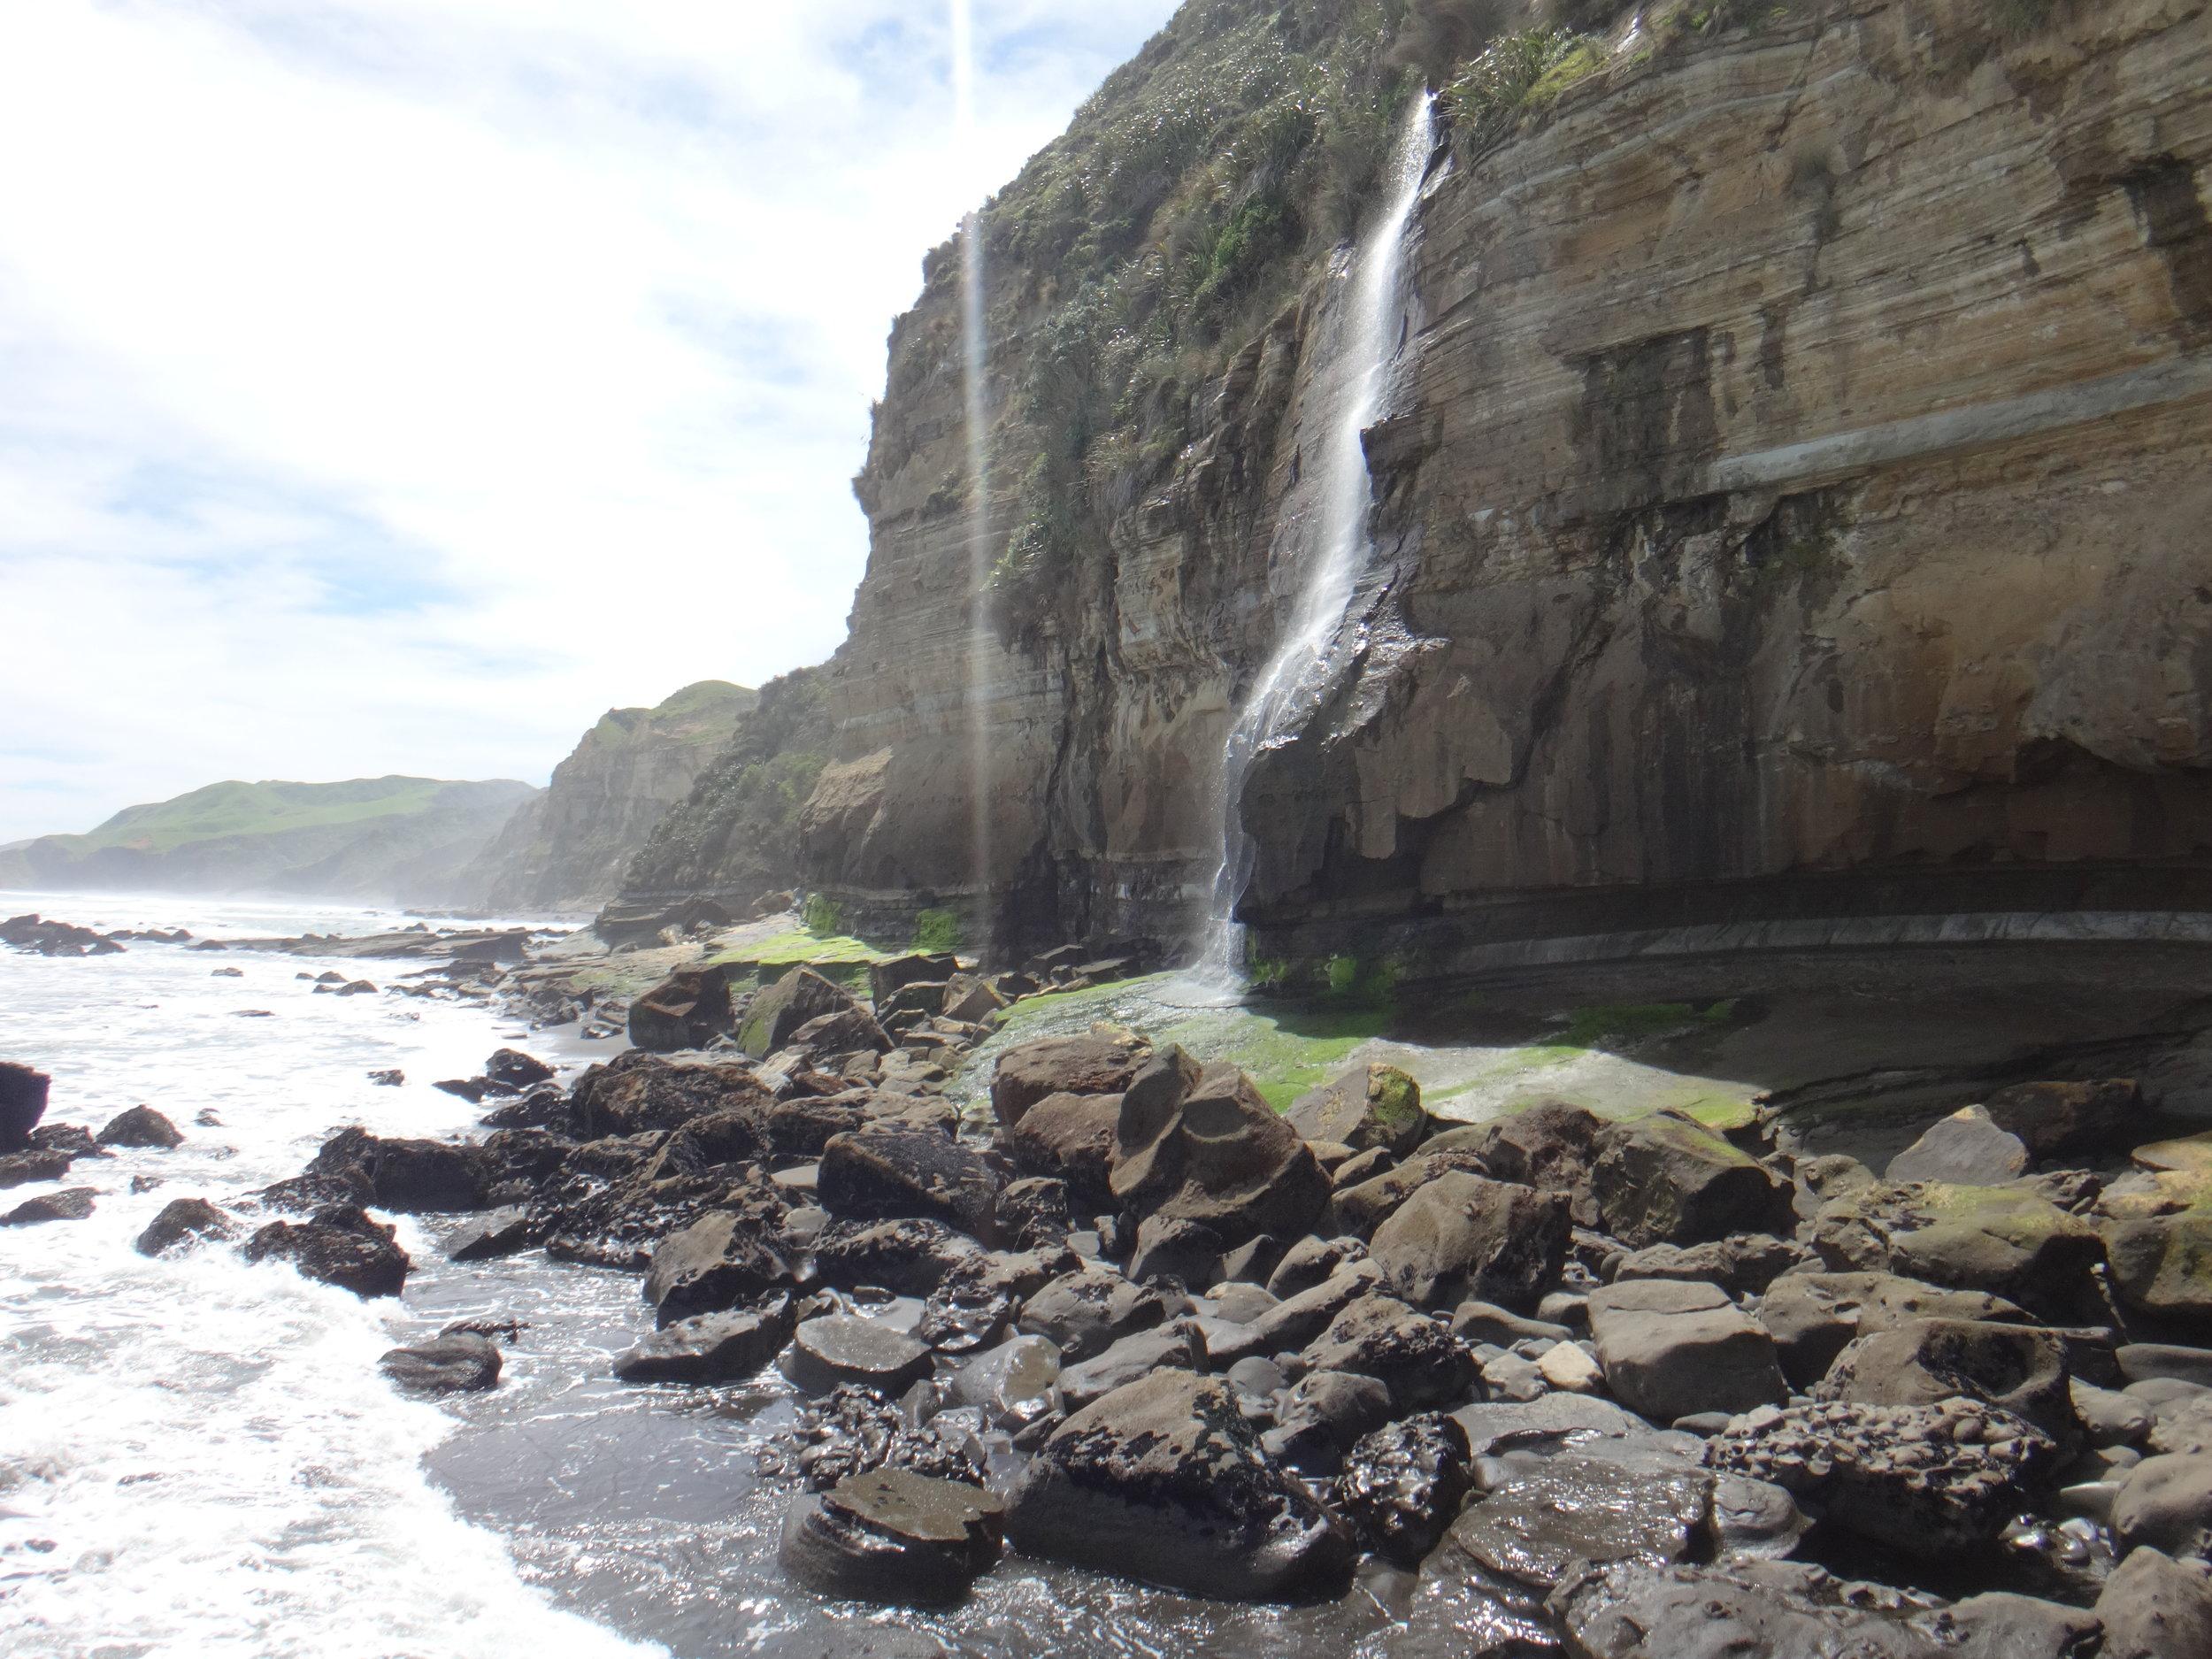 Waterfalls from the cliffs in Taranaki.